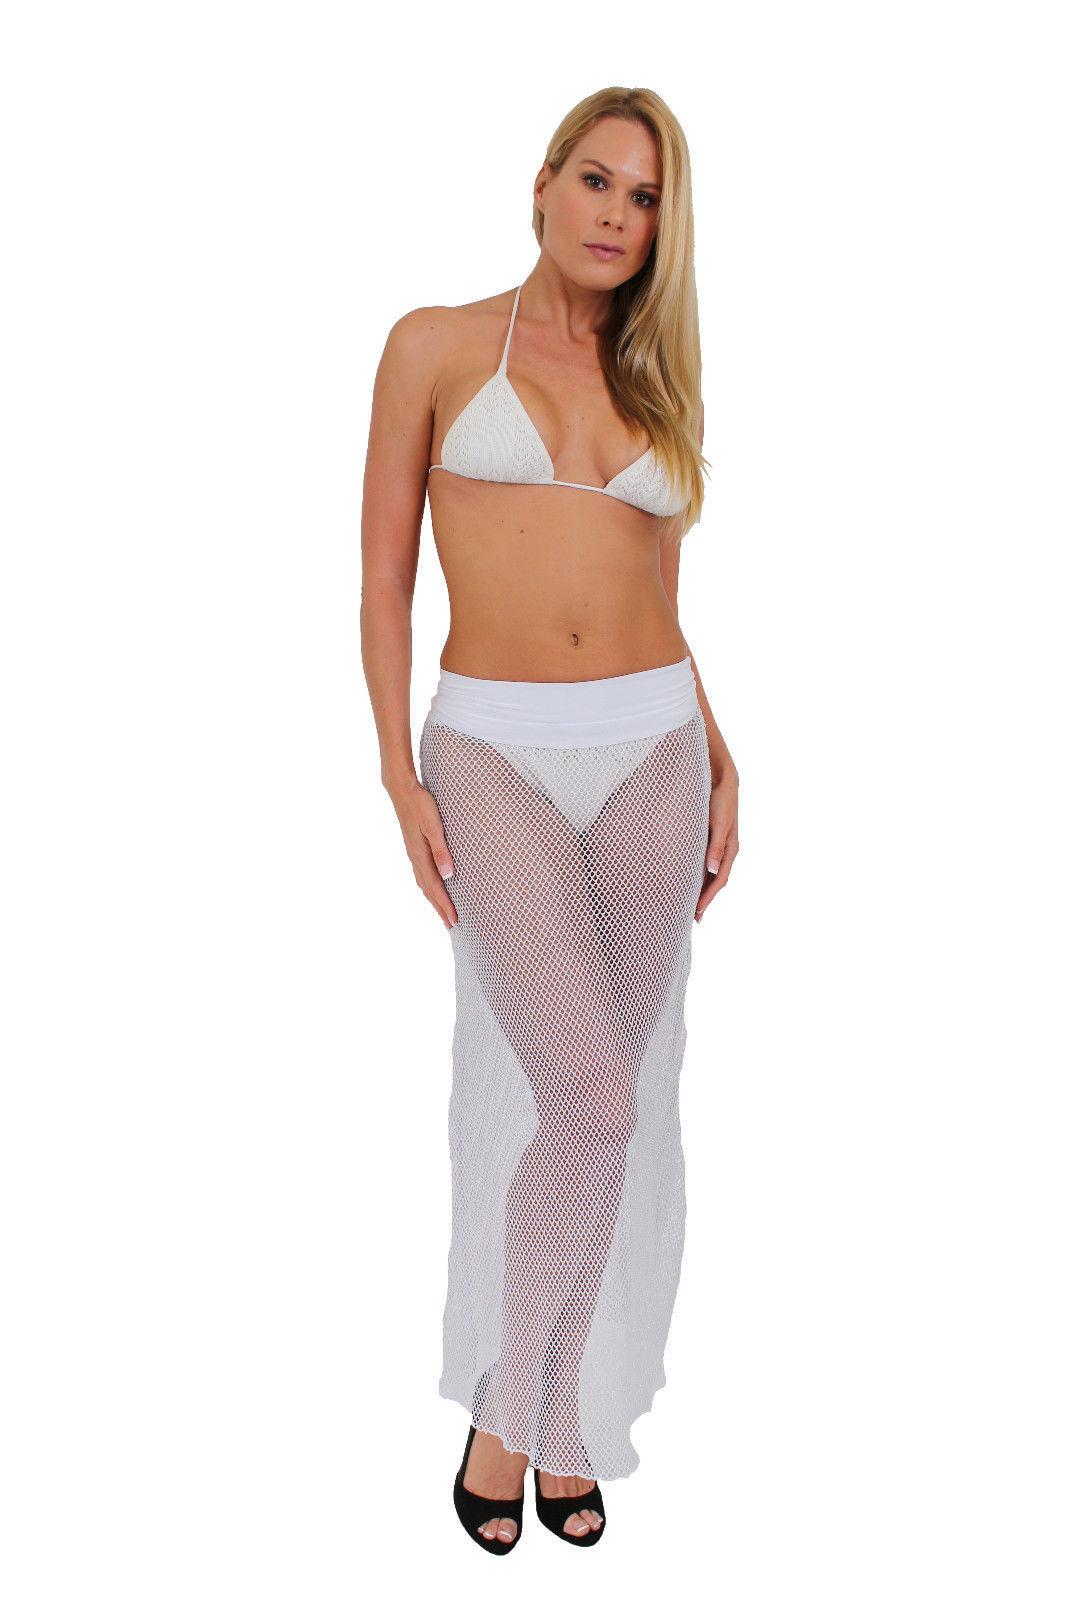 WOMEN'S JUNIORS SILVER TWO WAY CROCHET SKIRT DRESS COVER ...